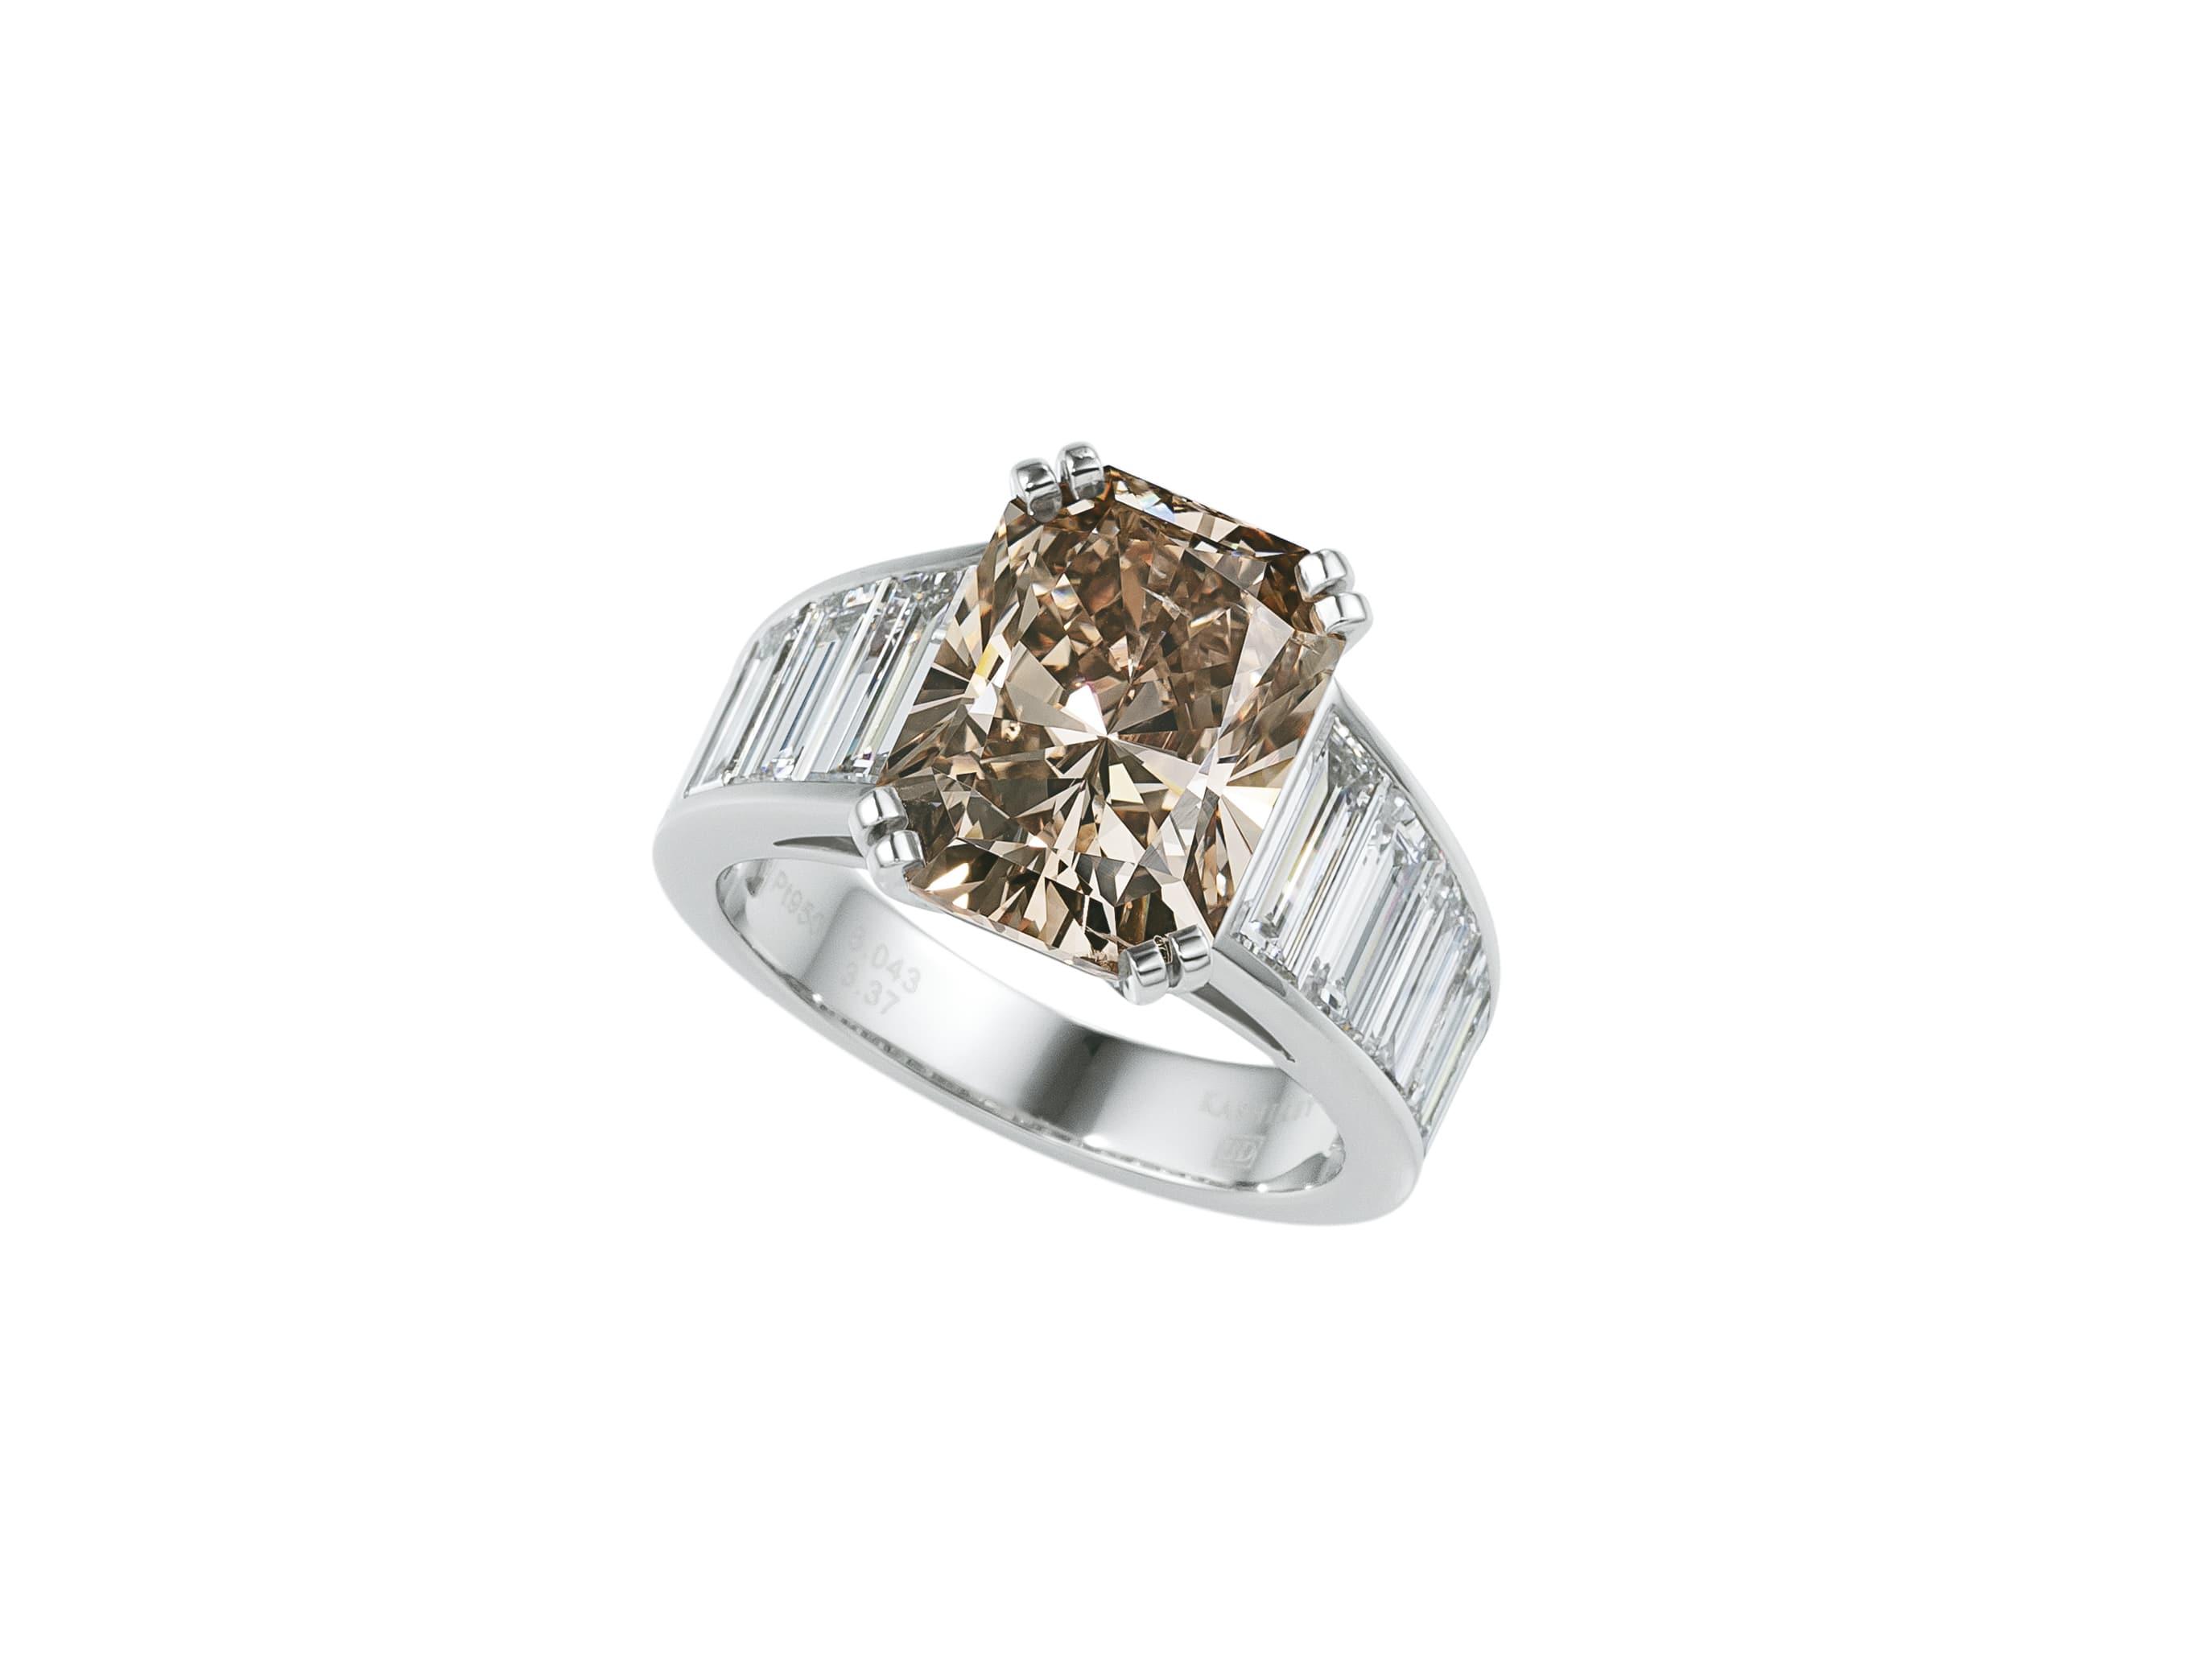 主役の6ctのブラウンダイヤモンドは見事だが、リングアームの両脇にも注目してほしい。テーパーダイヤモンドが寸分狂いなく整然と並んでいる。これは、ダイヤモンドのサイズや輝きなどを完璧に揃え、最後まで手を抜かずセッティングする緻密な計画に基づいて初めて実現できるものだ。